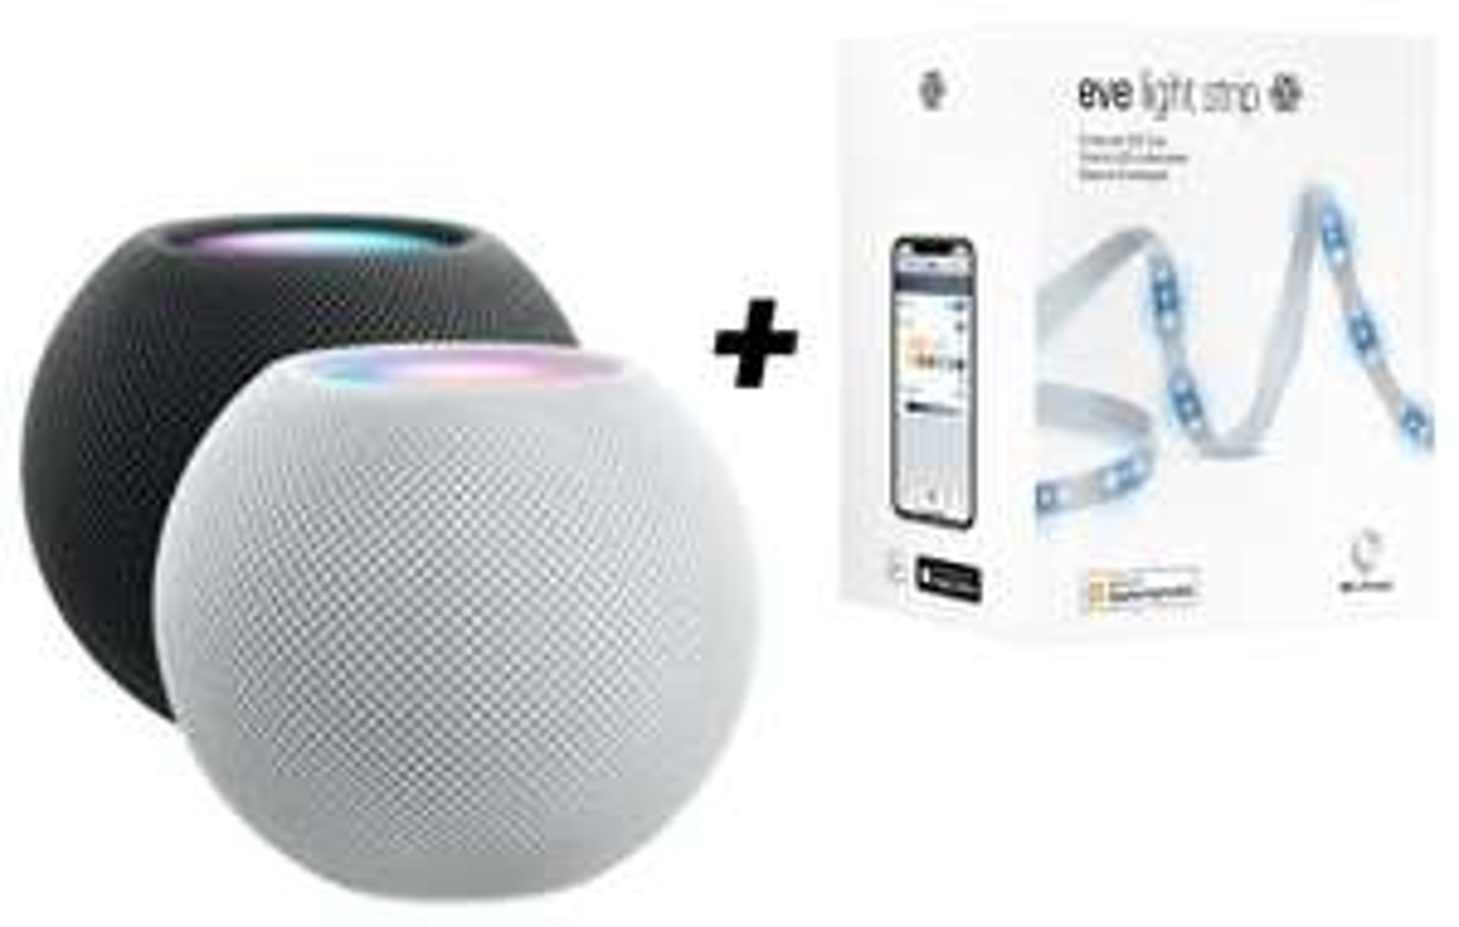 Apple HomePod Mini + Elgato EVE Light Strip 2m weiß u. farbig für zusammen 139€ inkl. Versandkosten